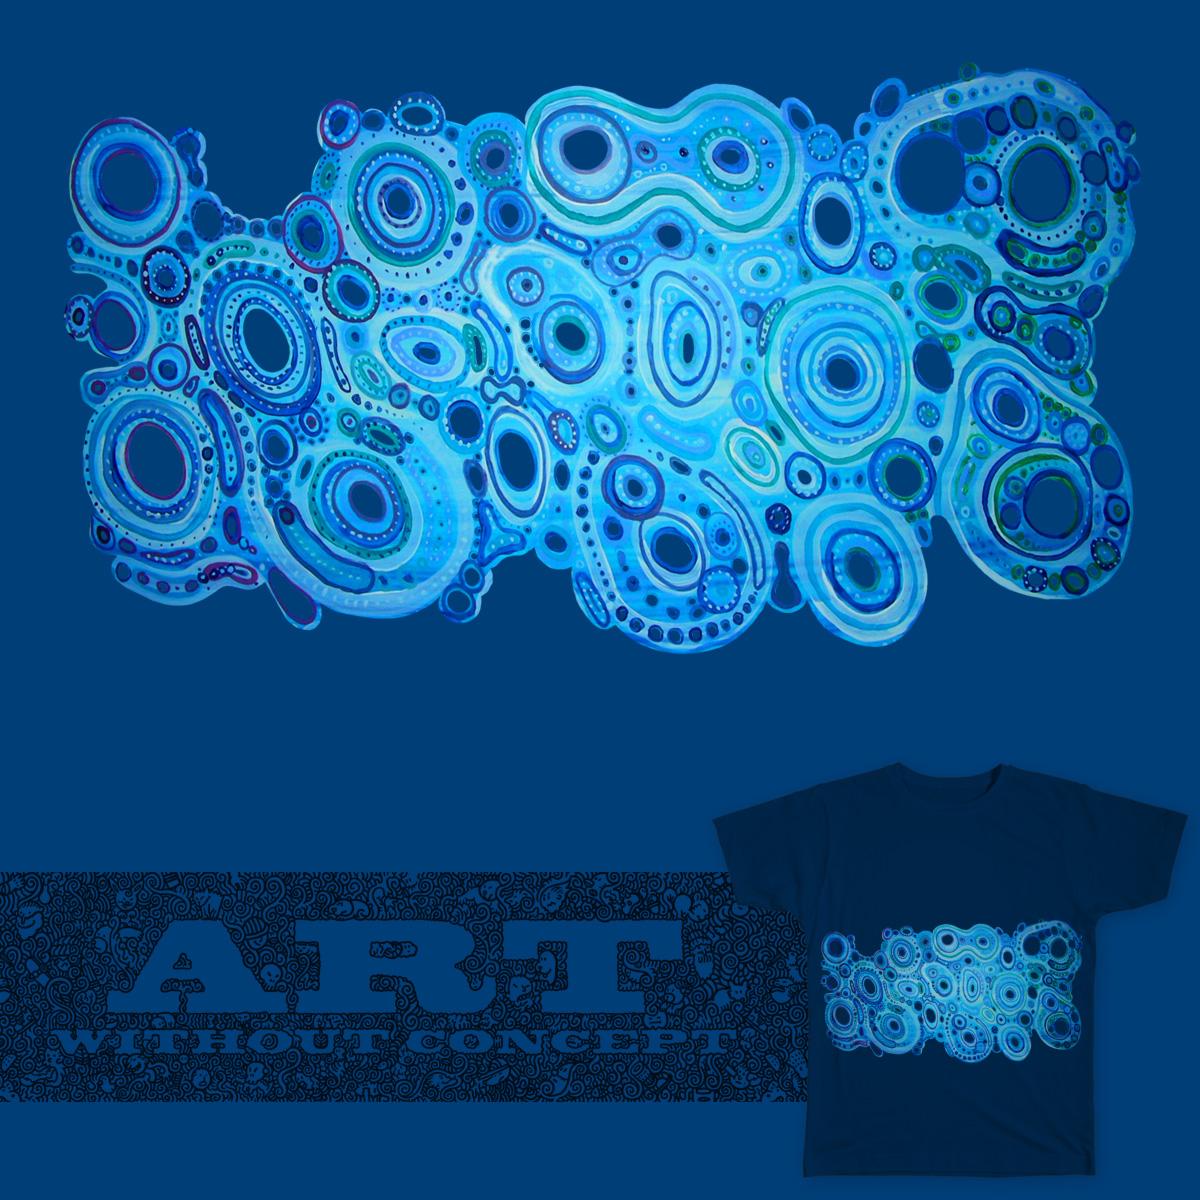 Blue Blob by earthstarjai on Threadless